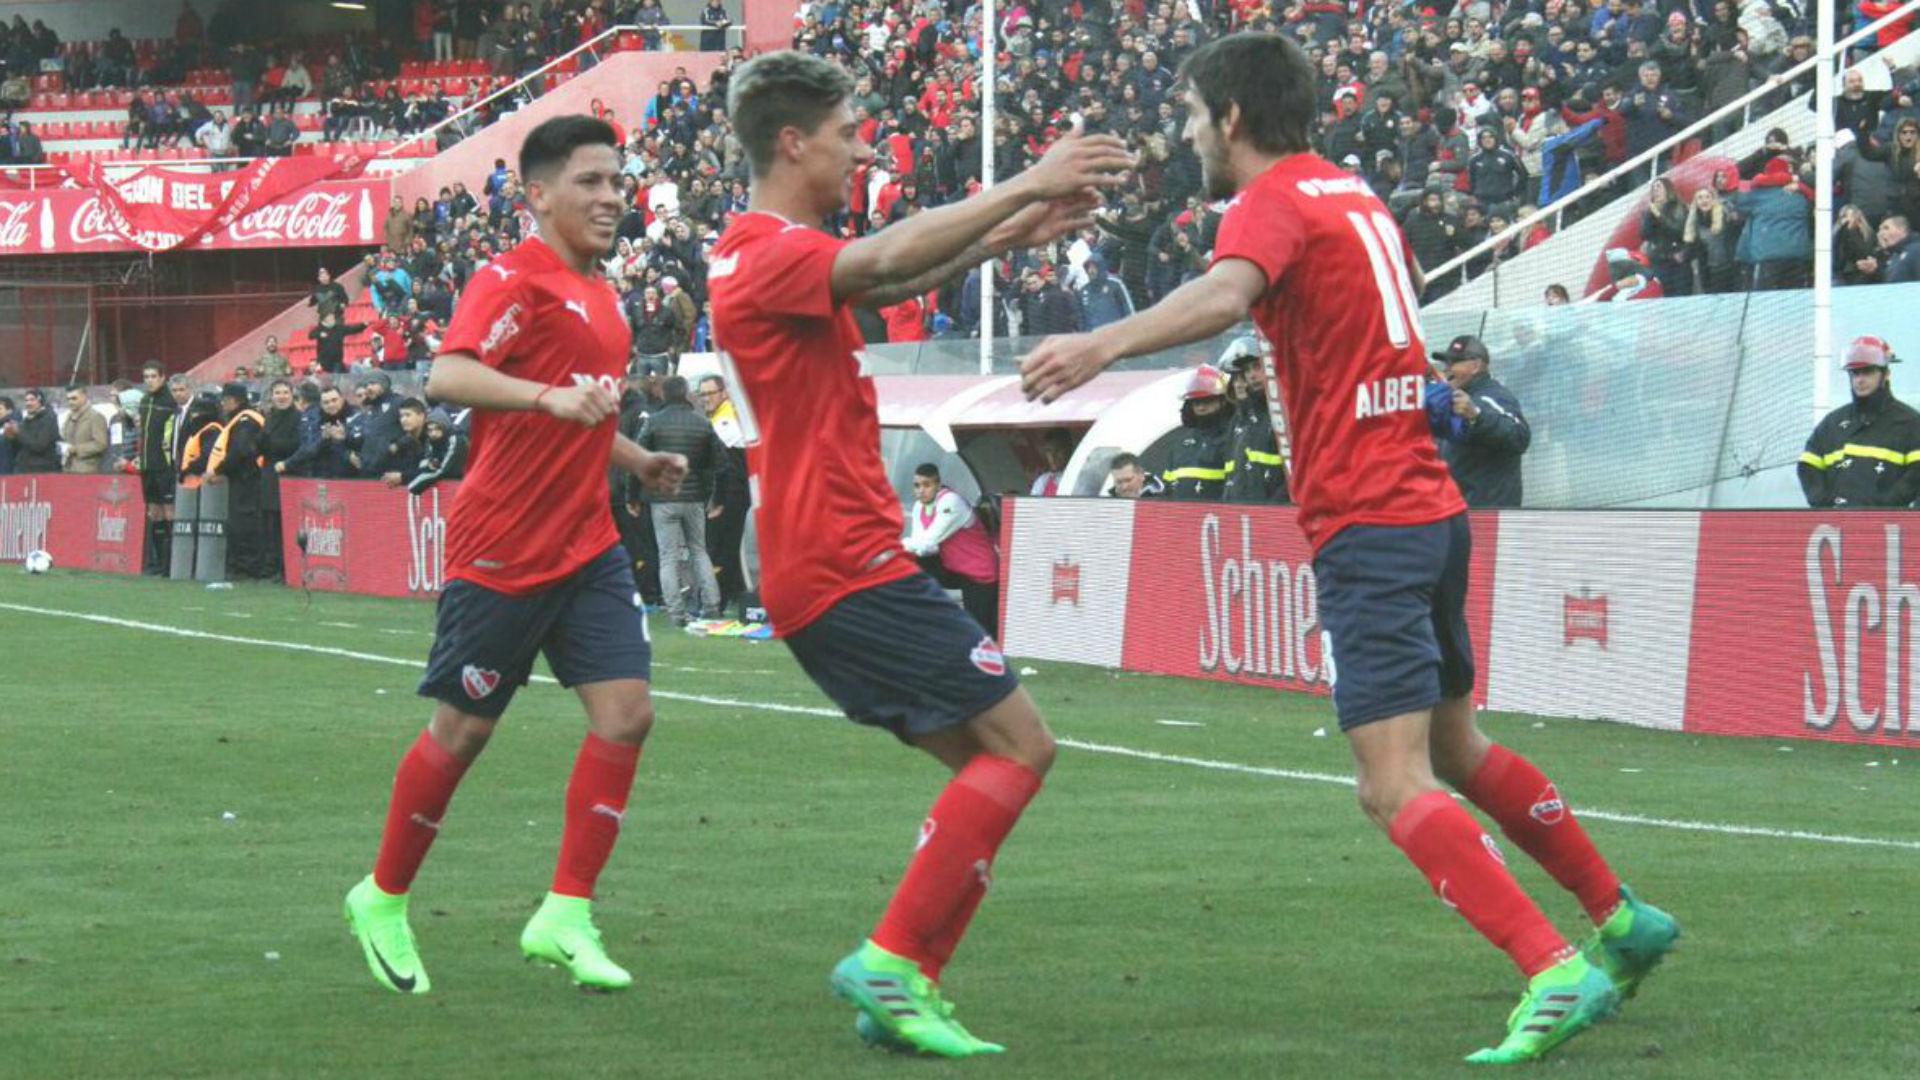 Independiente Olimpo Torneo Primera Division 18062017